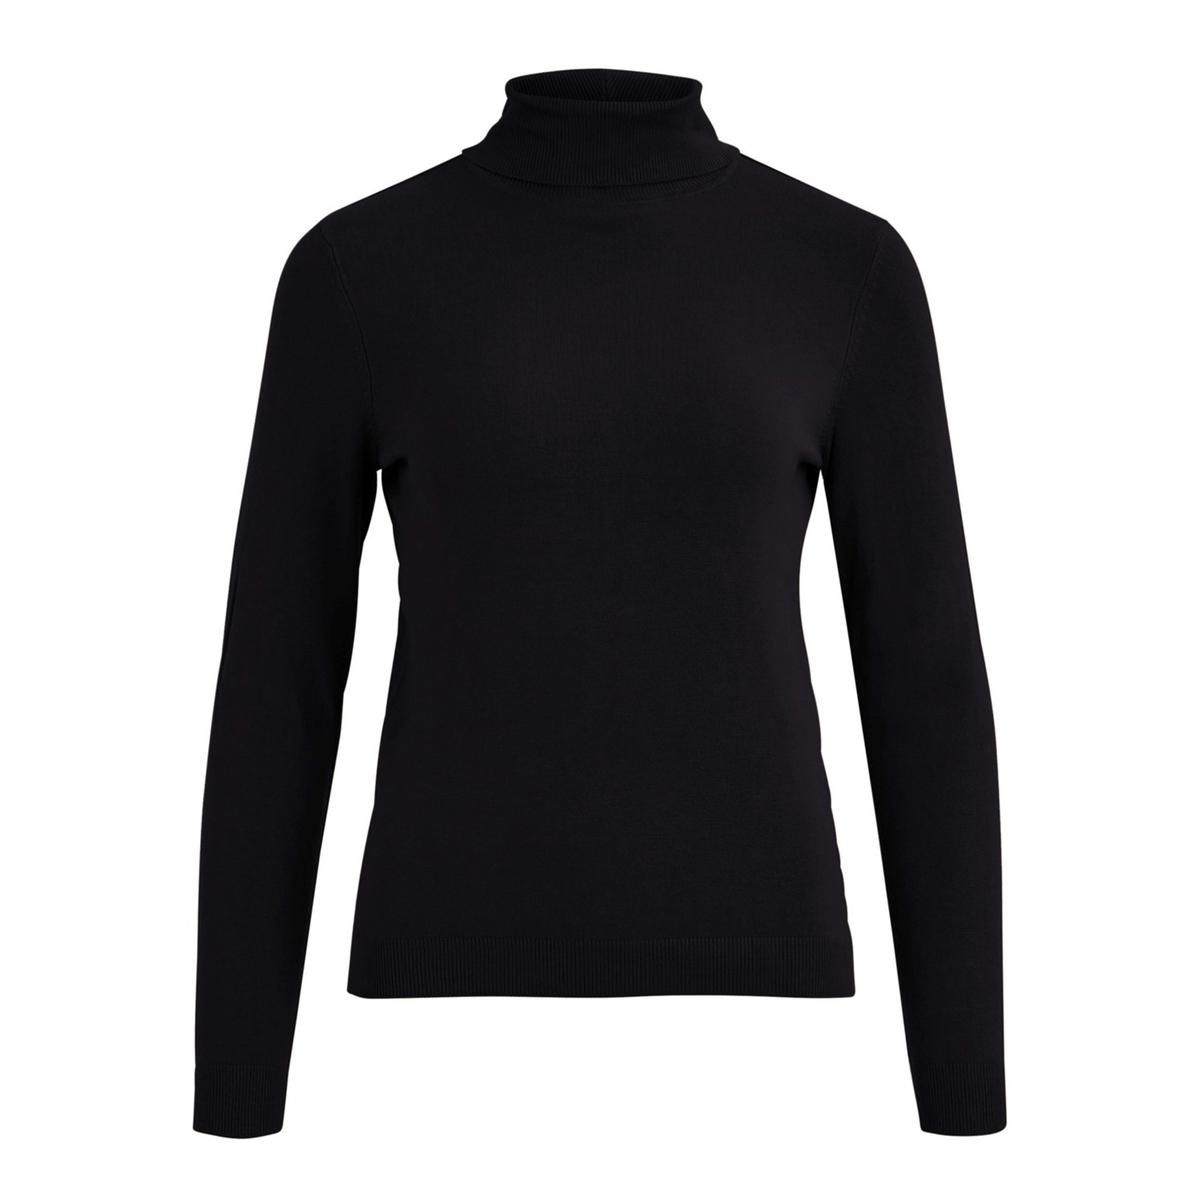 Пуловер-водолазка La Redoute La Redoute M черный шорты la redoute la redoute m синий